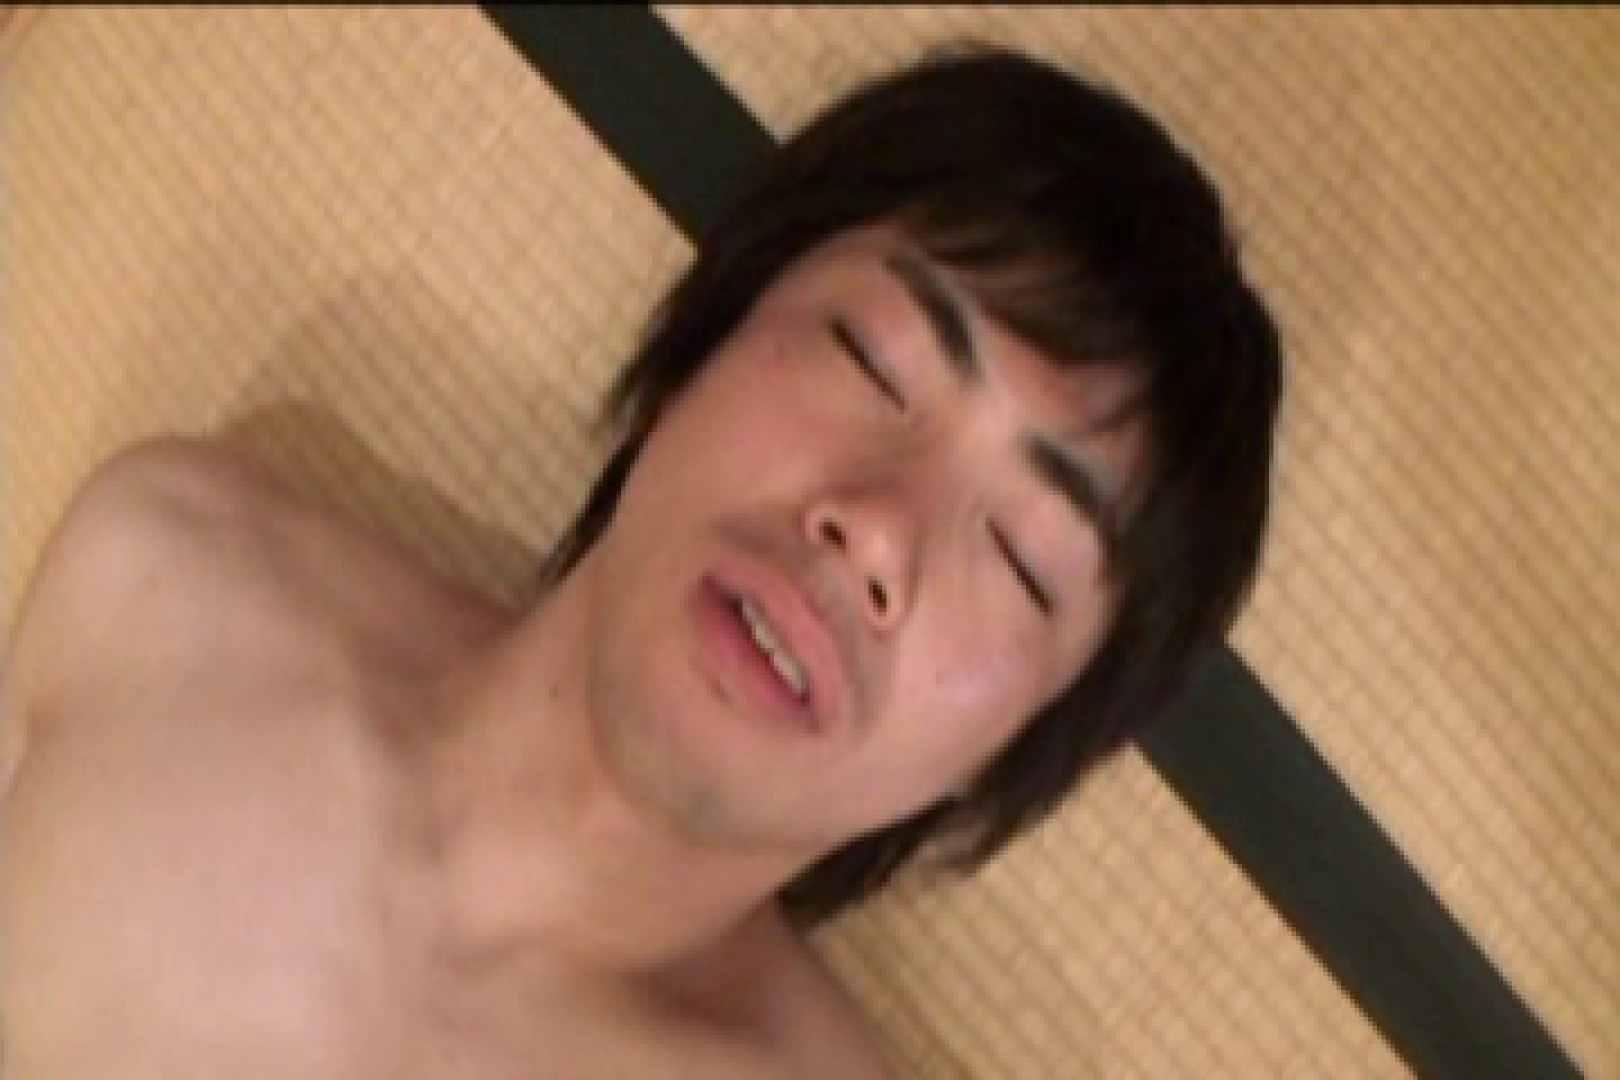 イケメン!!淫根乱舞スッパ抜き!! Vol.04 イケメン合体 ゲイアダルトビデオ画像 20連発 4